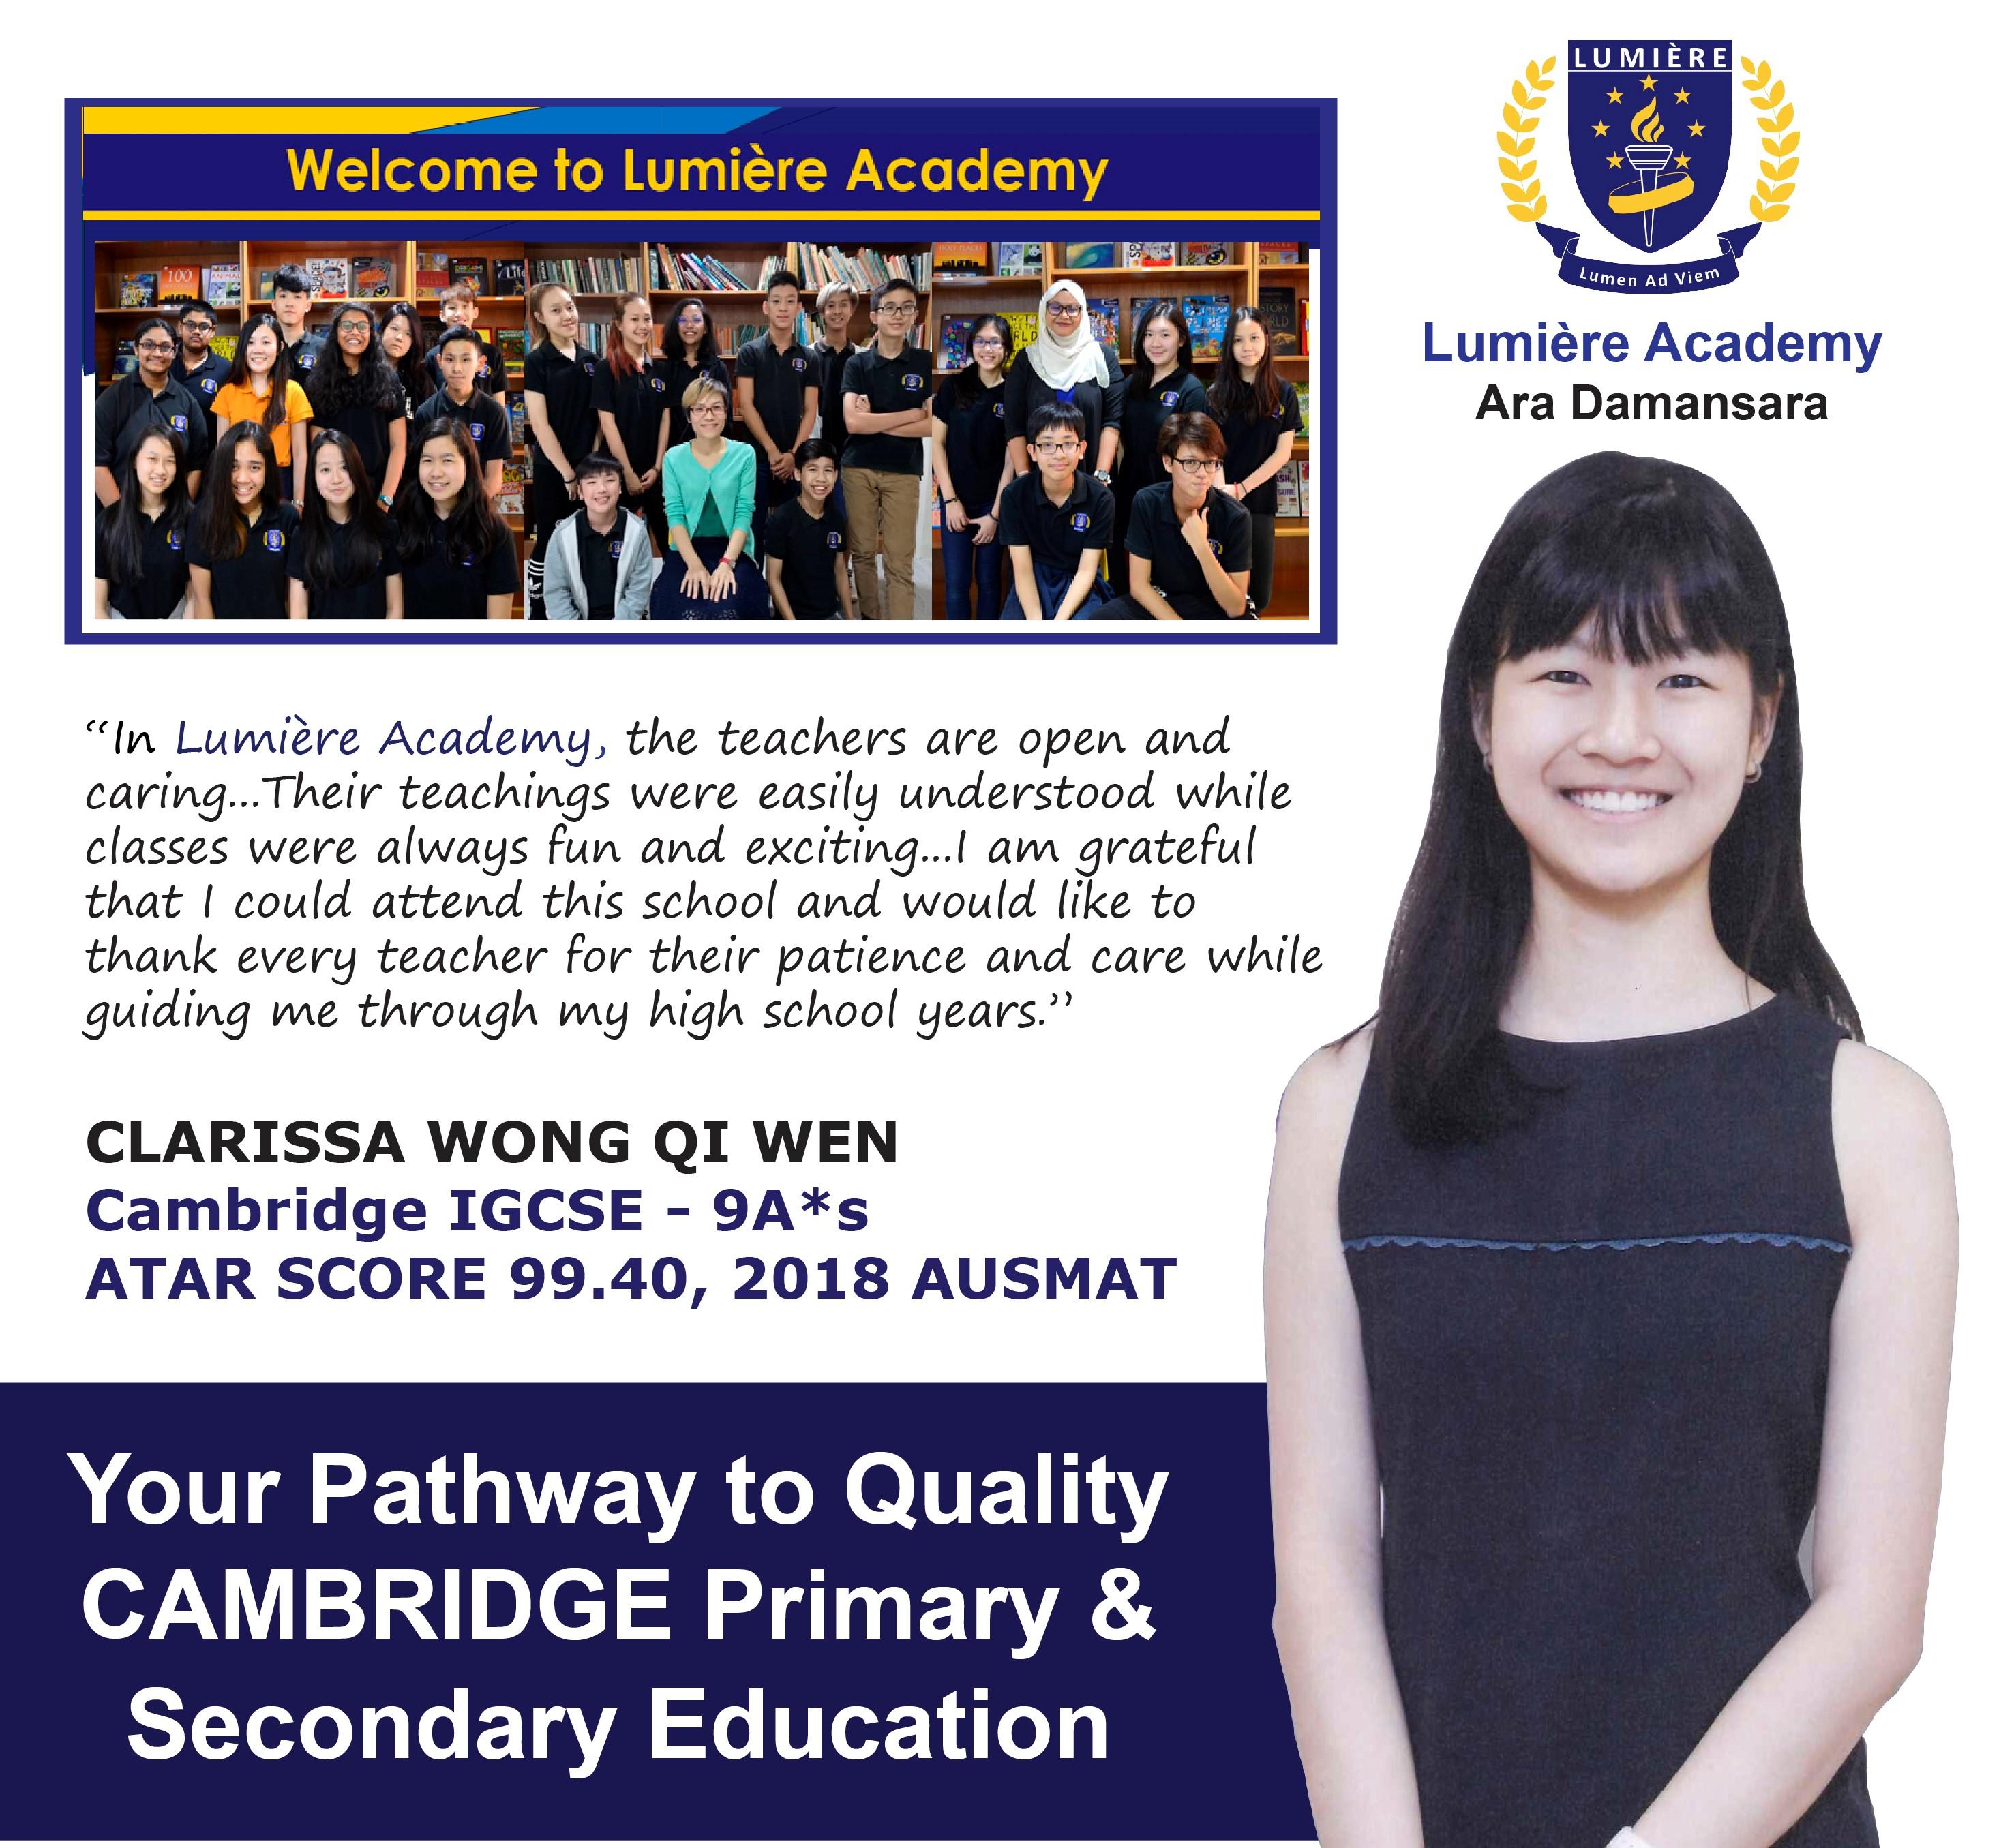 Lumière Academy Homeschooling Centre, Ara Damansara PJ, Selangor, Malaysia